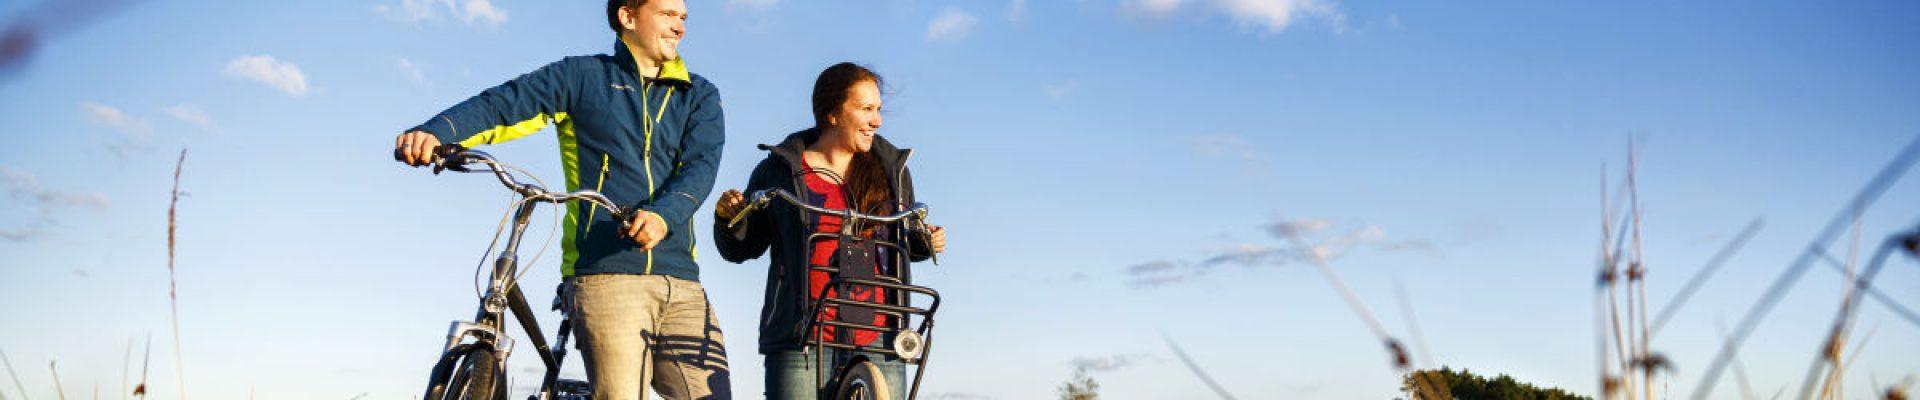 fietsen---fietscampagne---gijs-versteeg-(28)